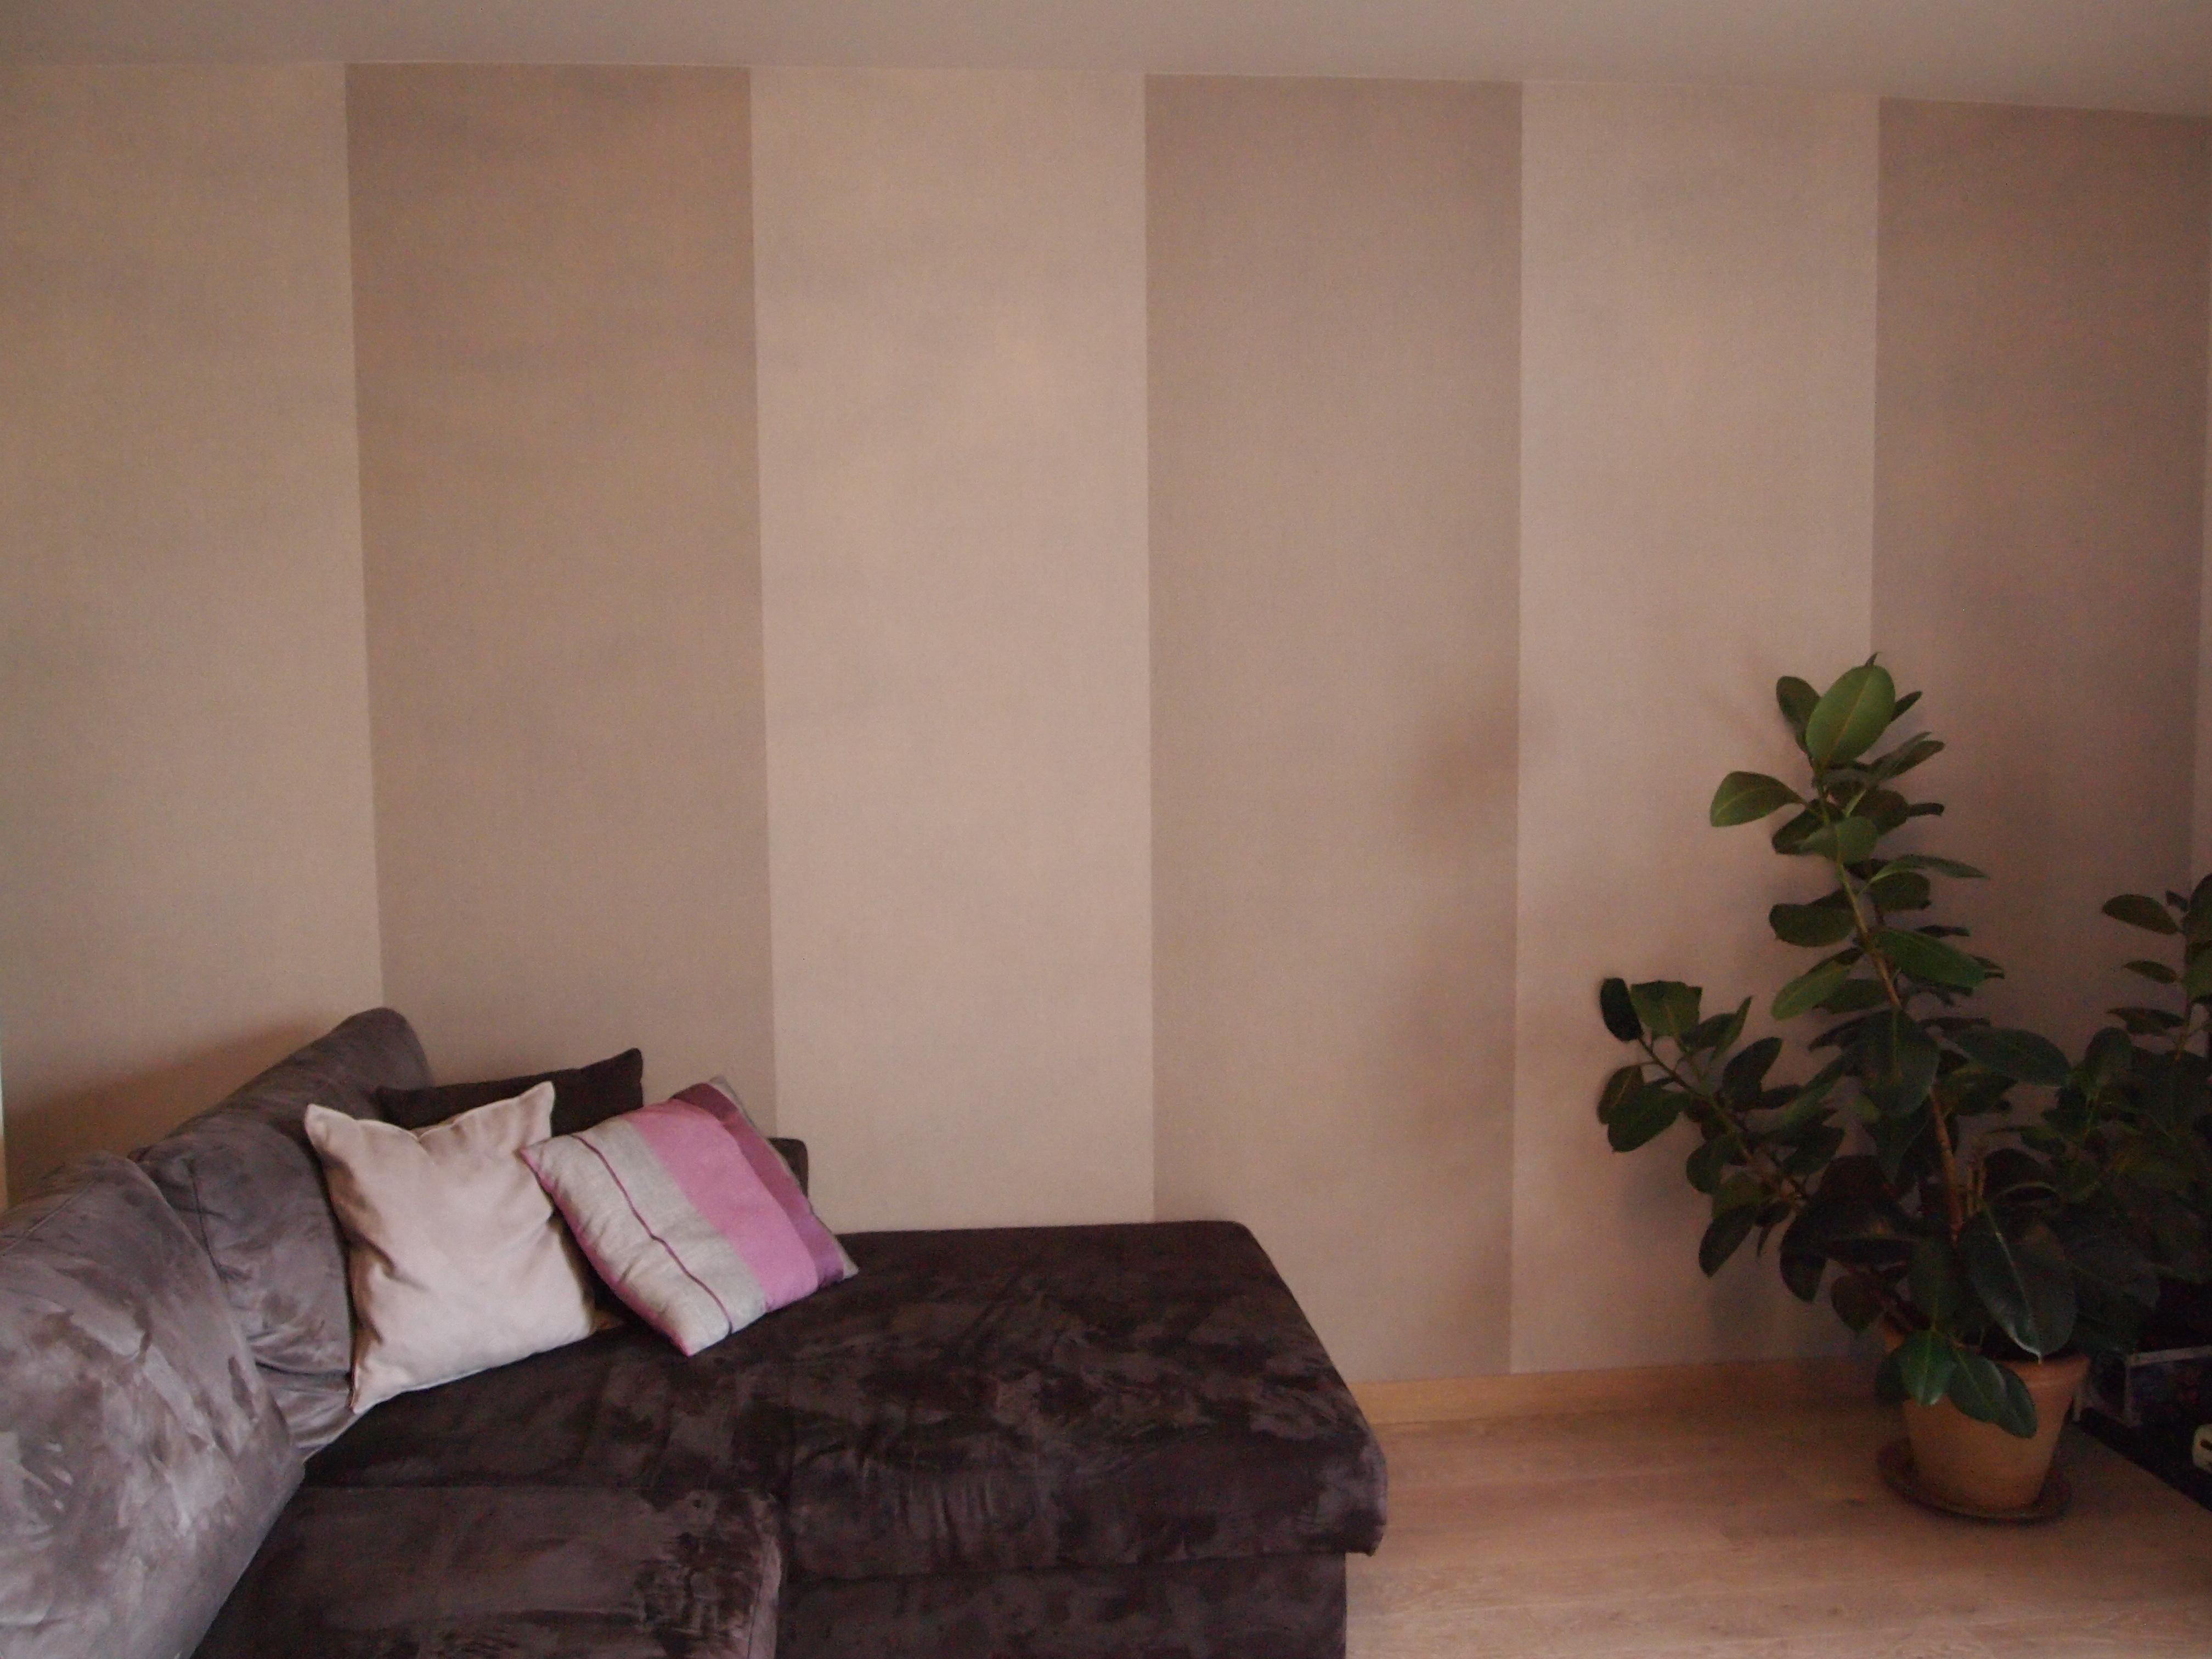 papier peint annees 20 aulnay sous bois cout moyen de la renovation d 39 un appartement au m2. Black Bedroom Furniture Sets. Home Design Ideas